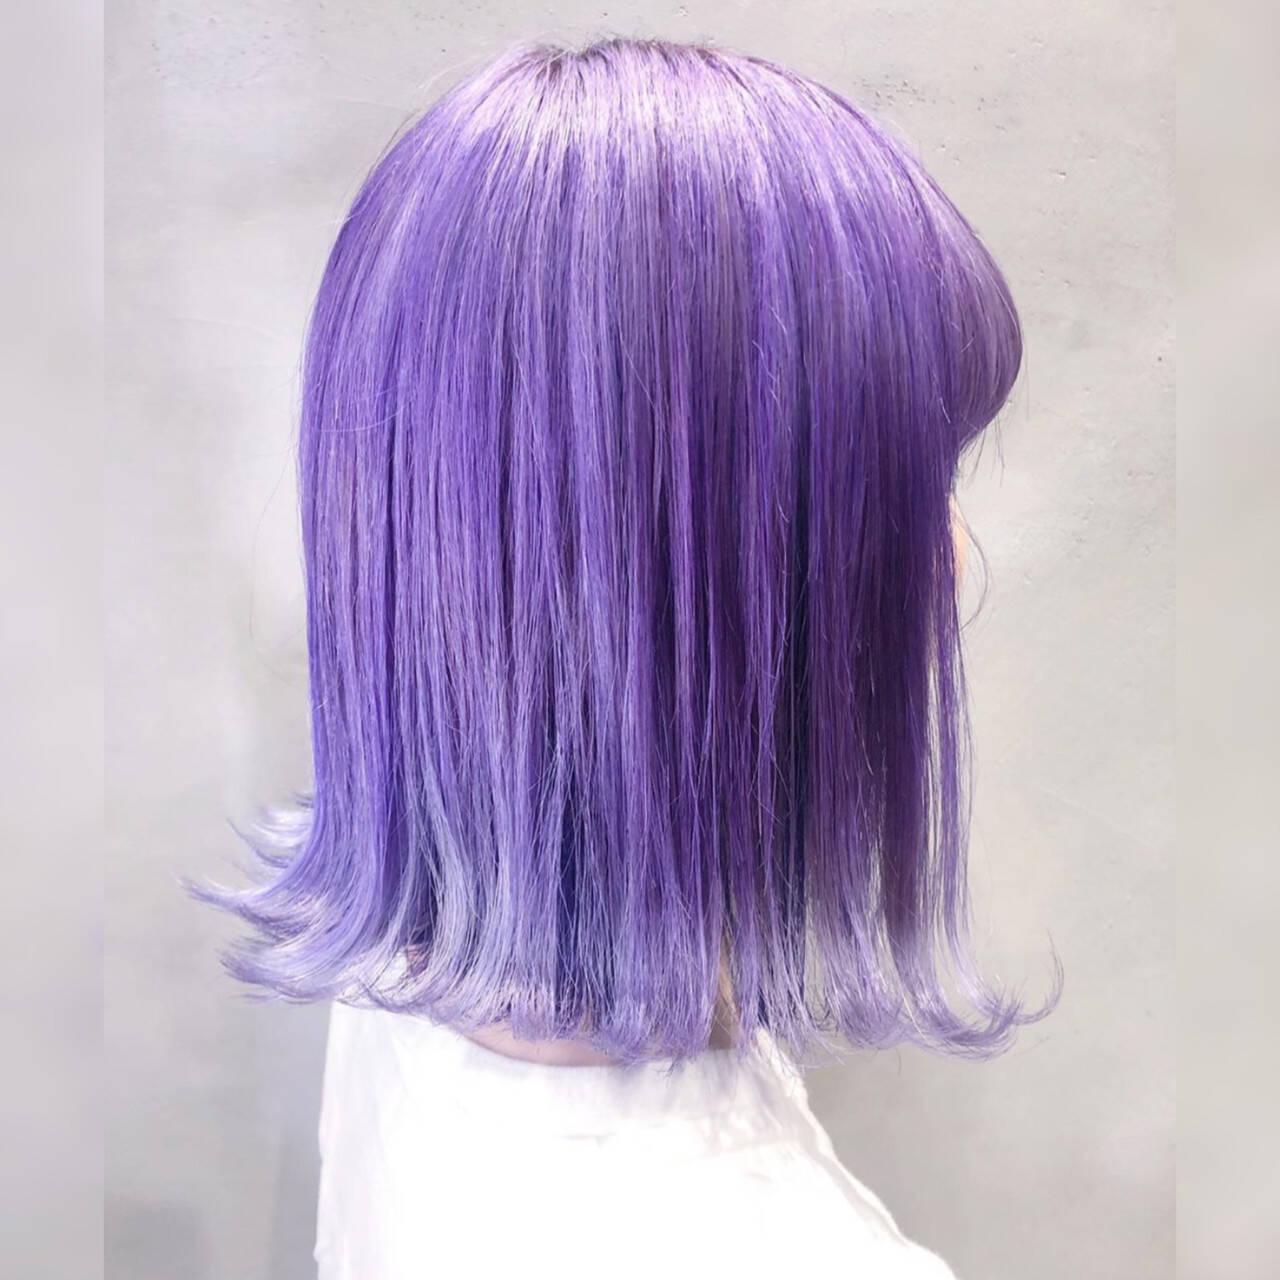 パープルアッシュ モード トワイライトパープル パープルカラーヘアスタイルや髪型の写真・画像